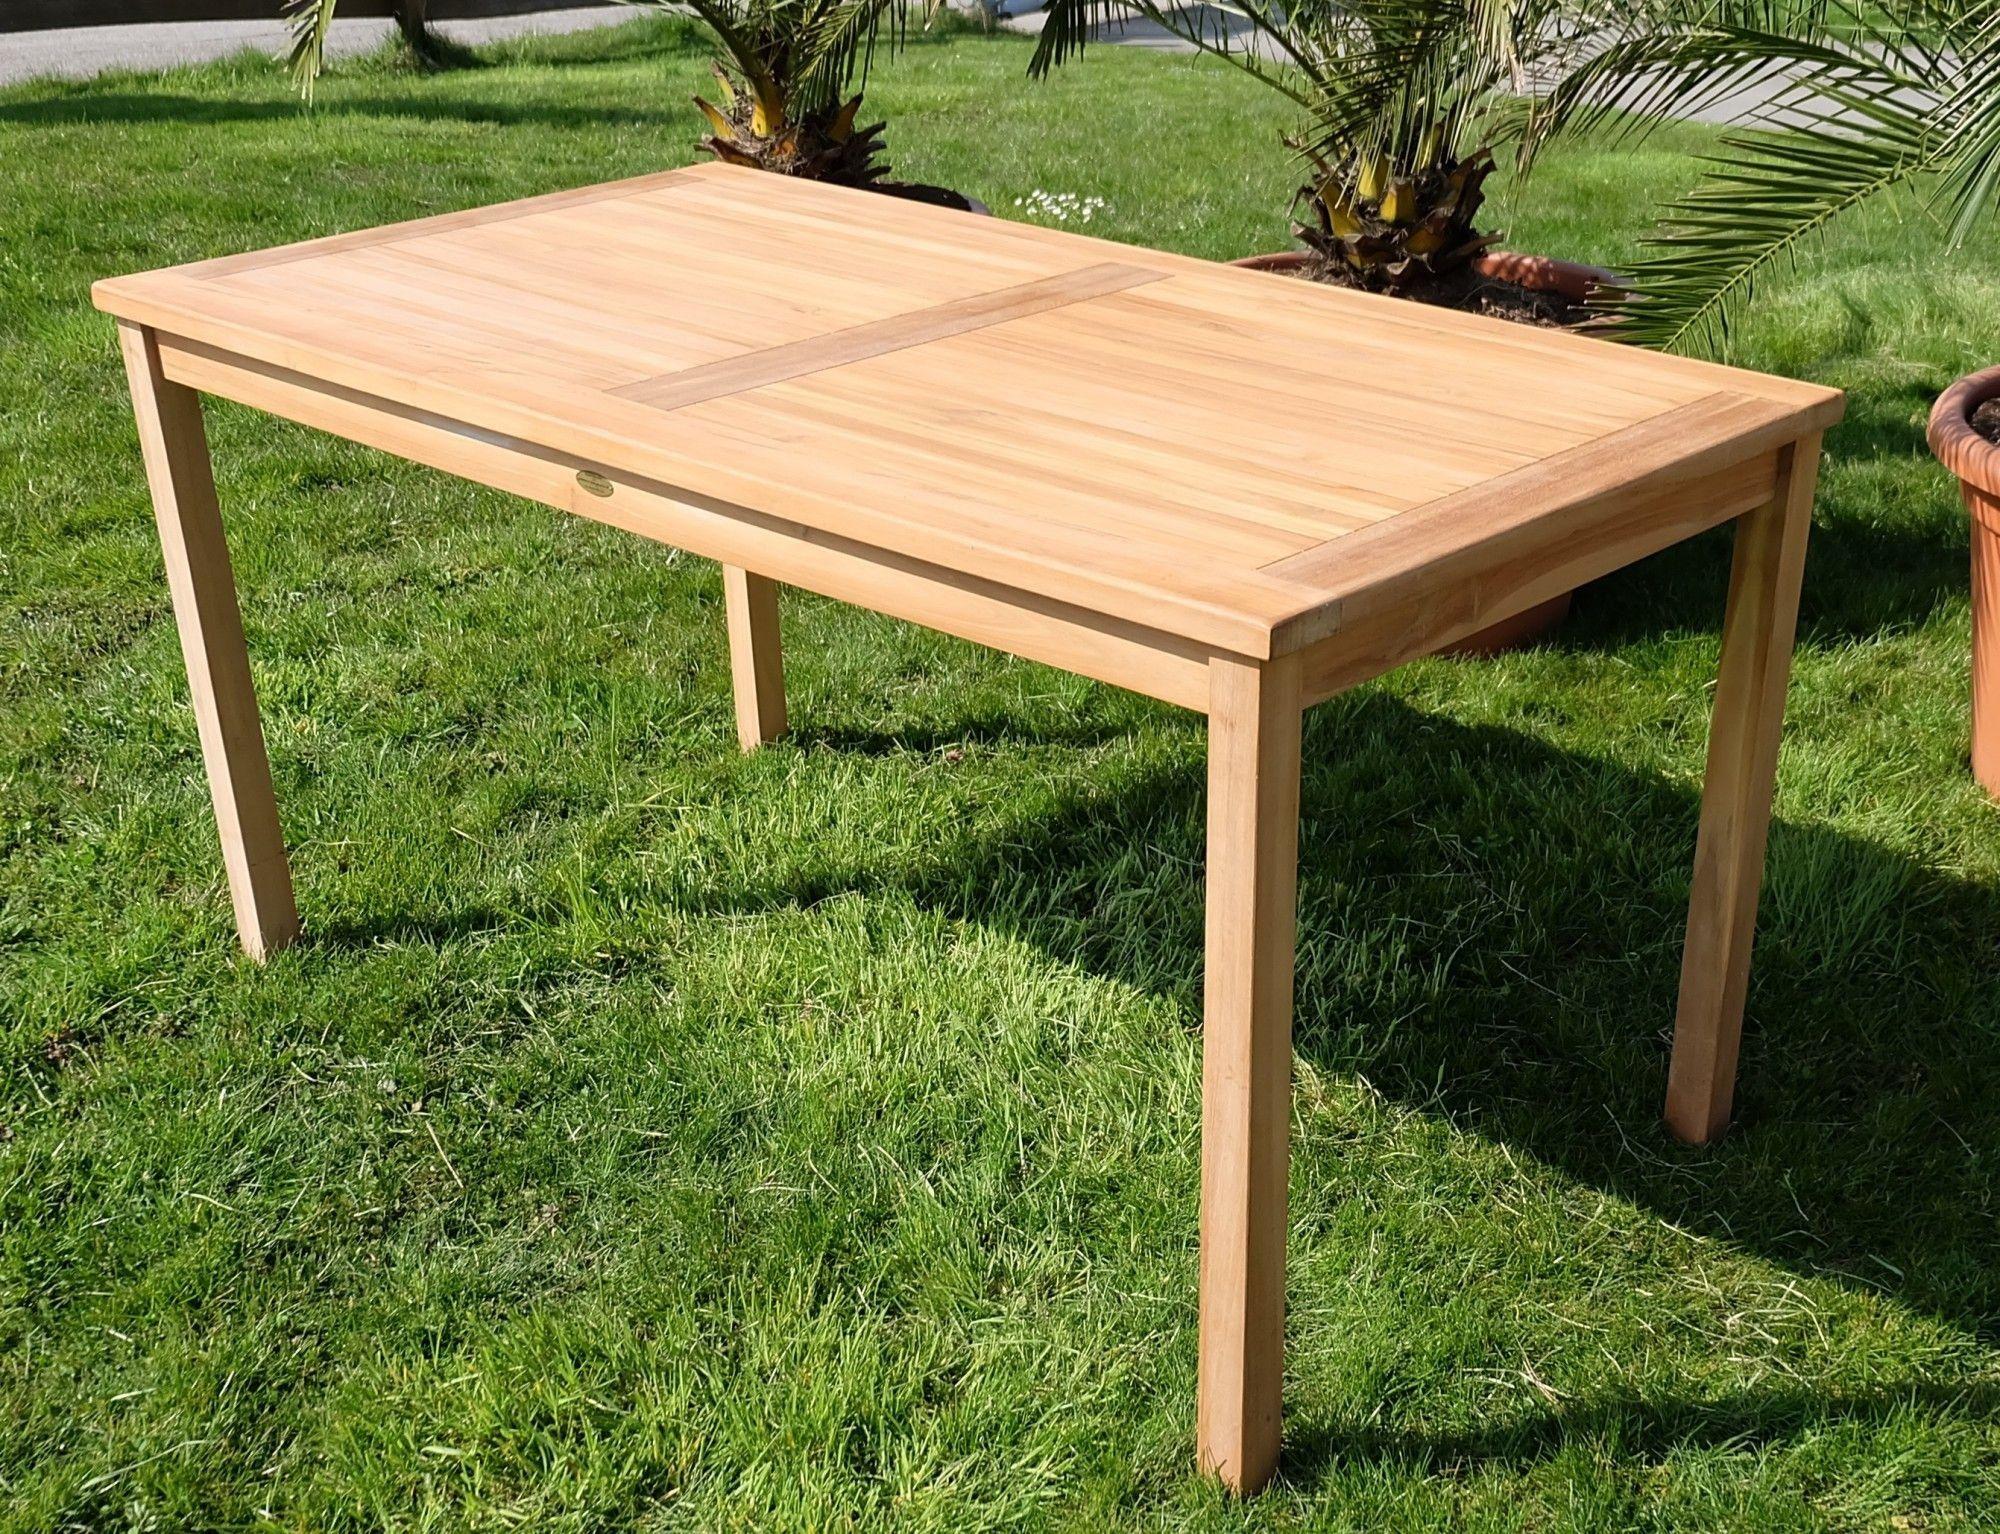 Teak Tisch Garten Ausziehbar Wir Haben Es Jemals Gesehen Von Teak